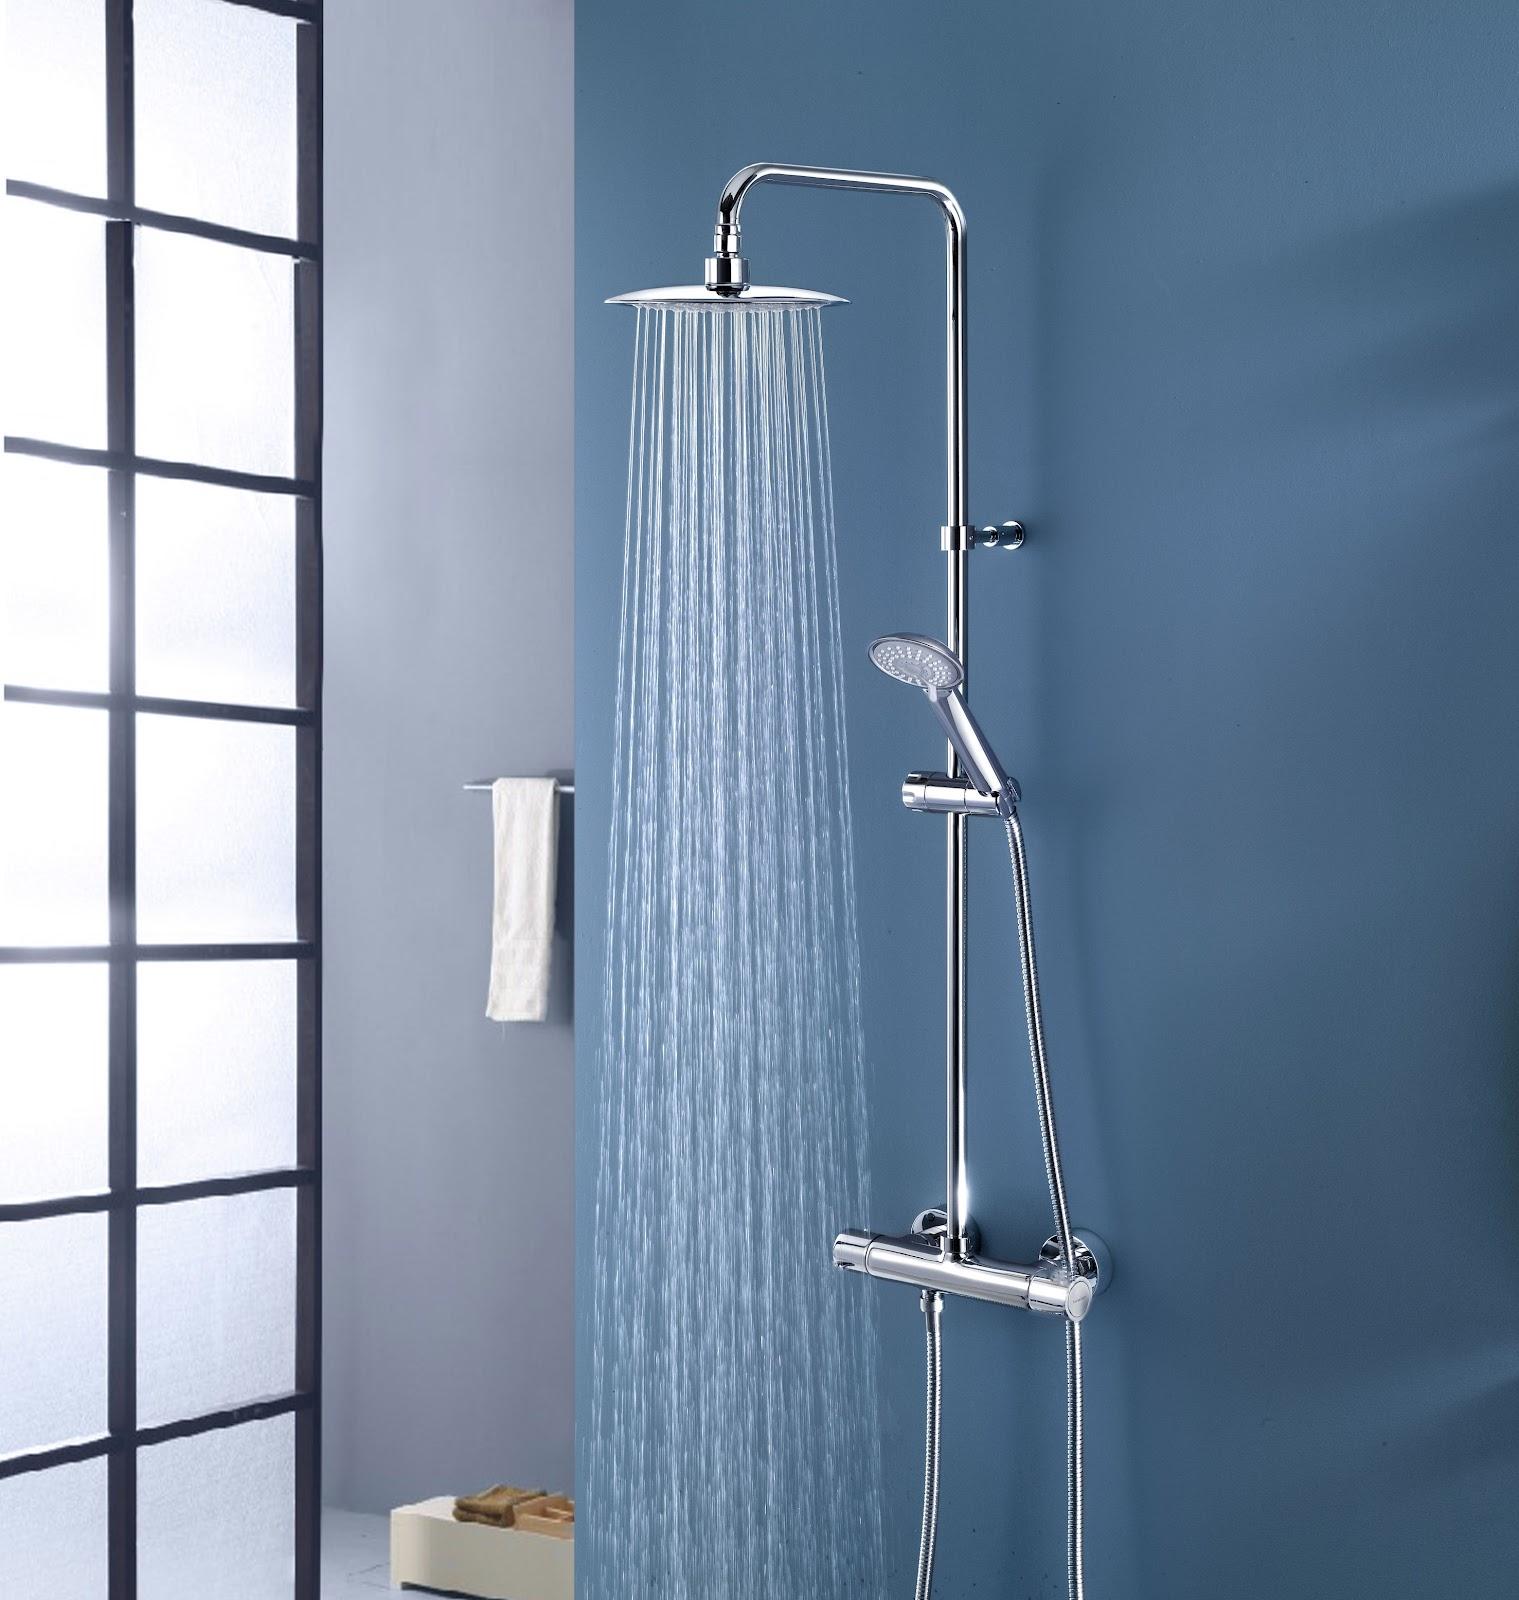 Baño En Ducha A Pacientes: fábrica de grifos de baño Ramón Soler nos presenta una gran ducha